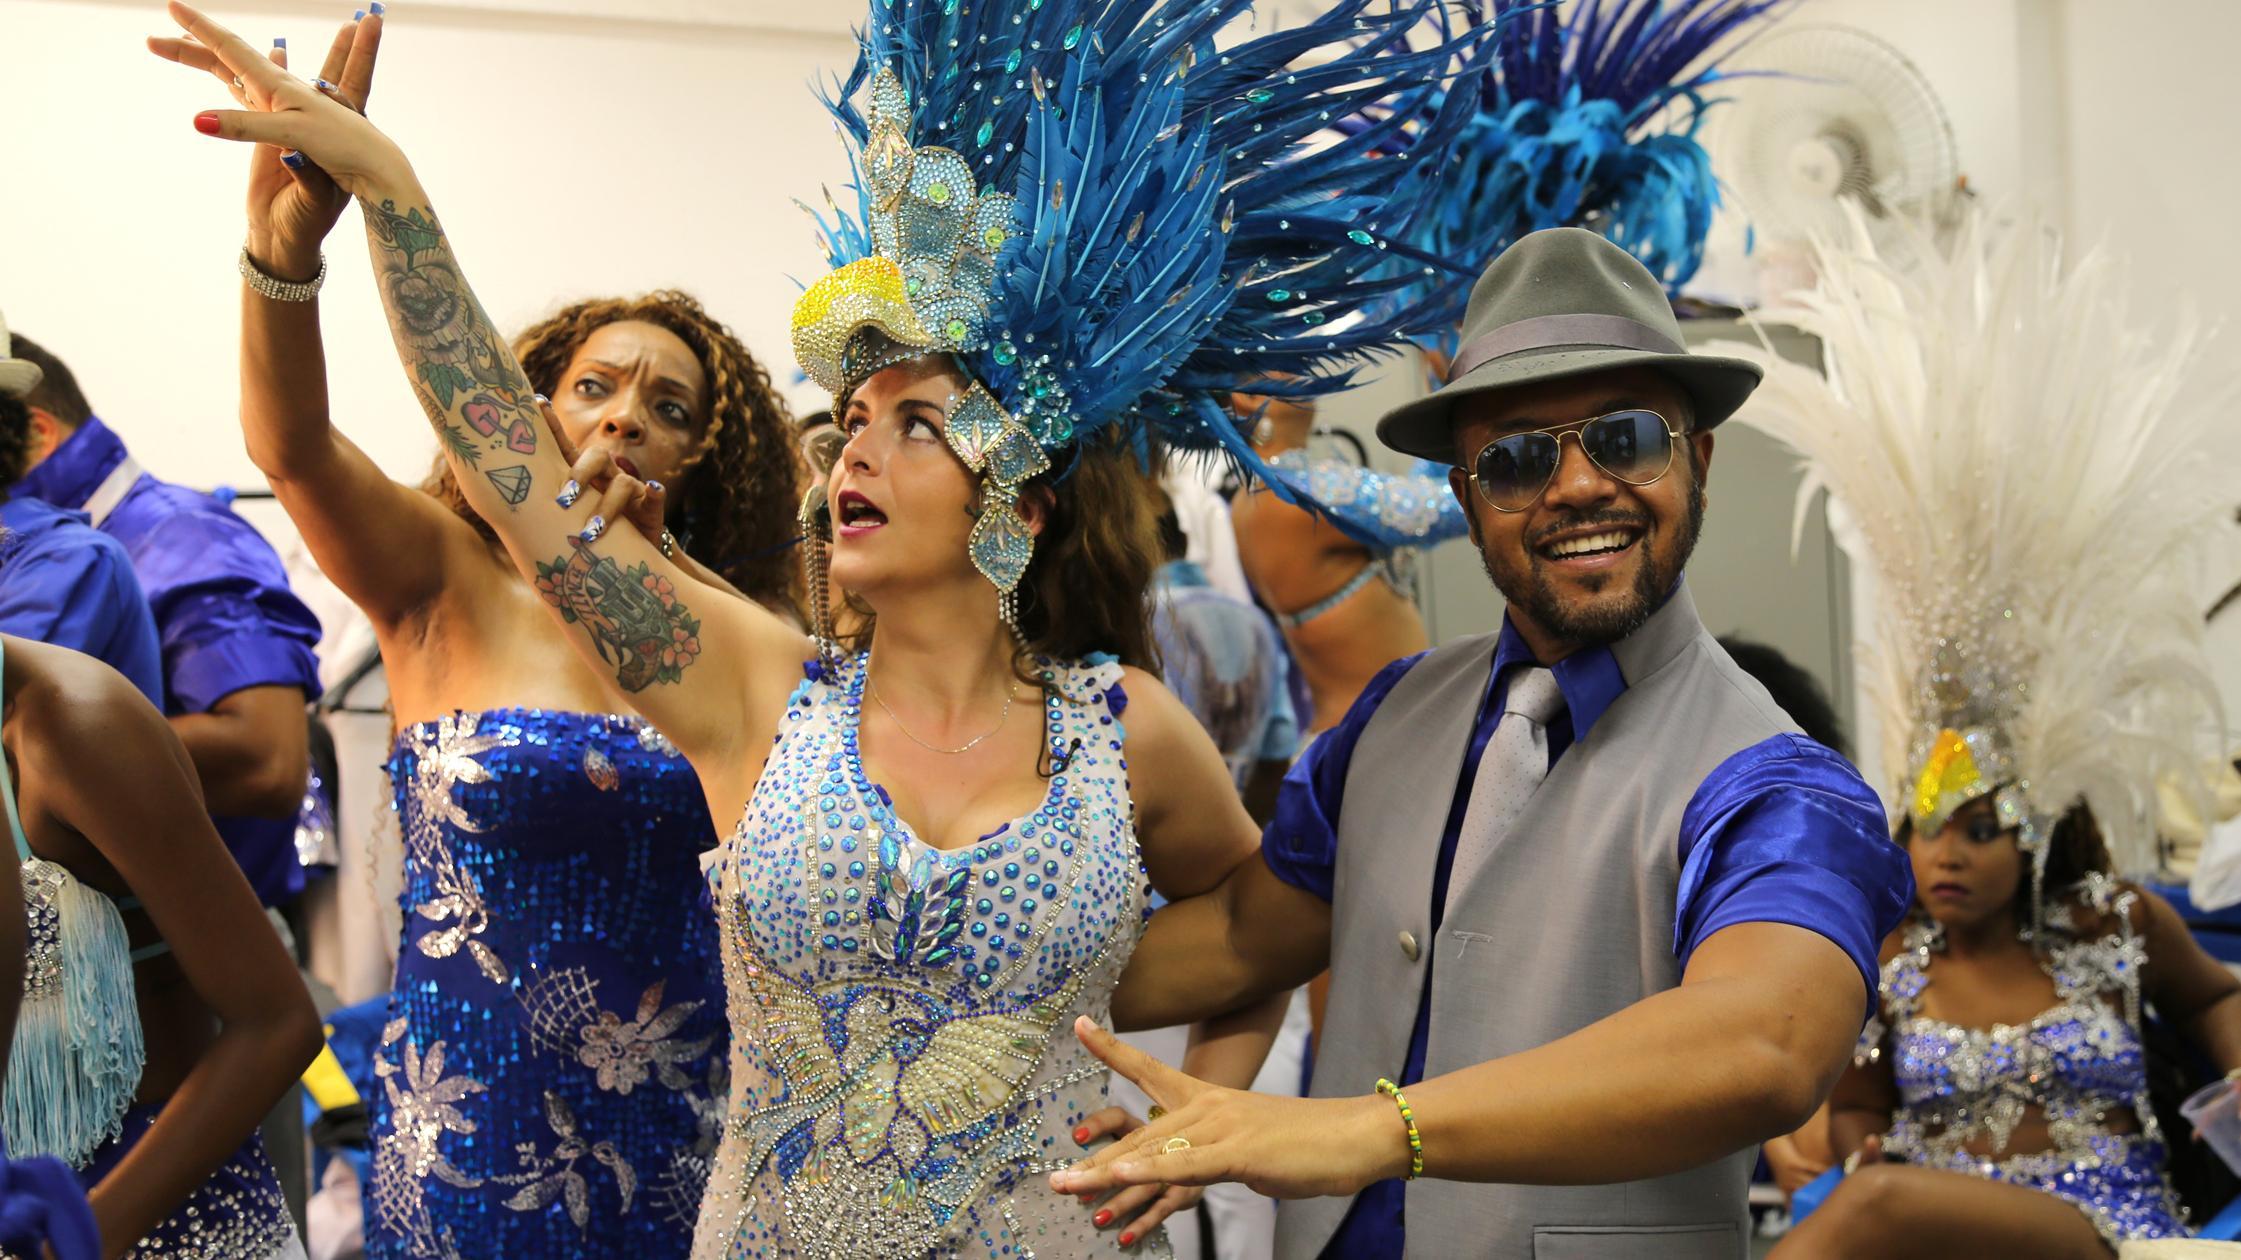 levnu fritid samba giver flot kropsholdning og staerke mavemuskler